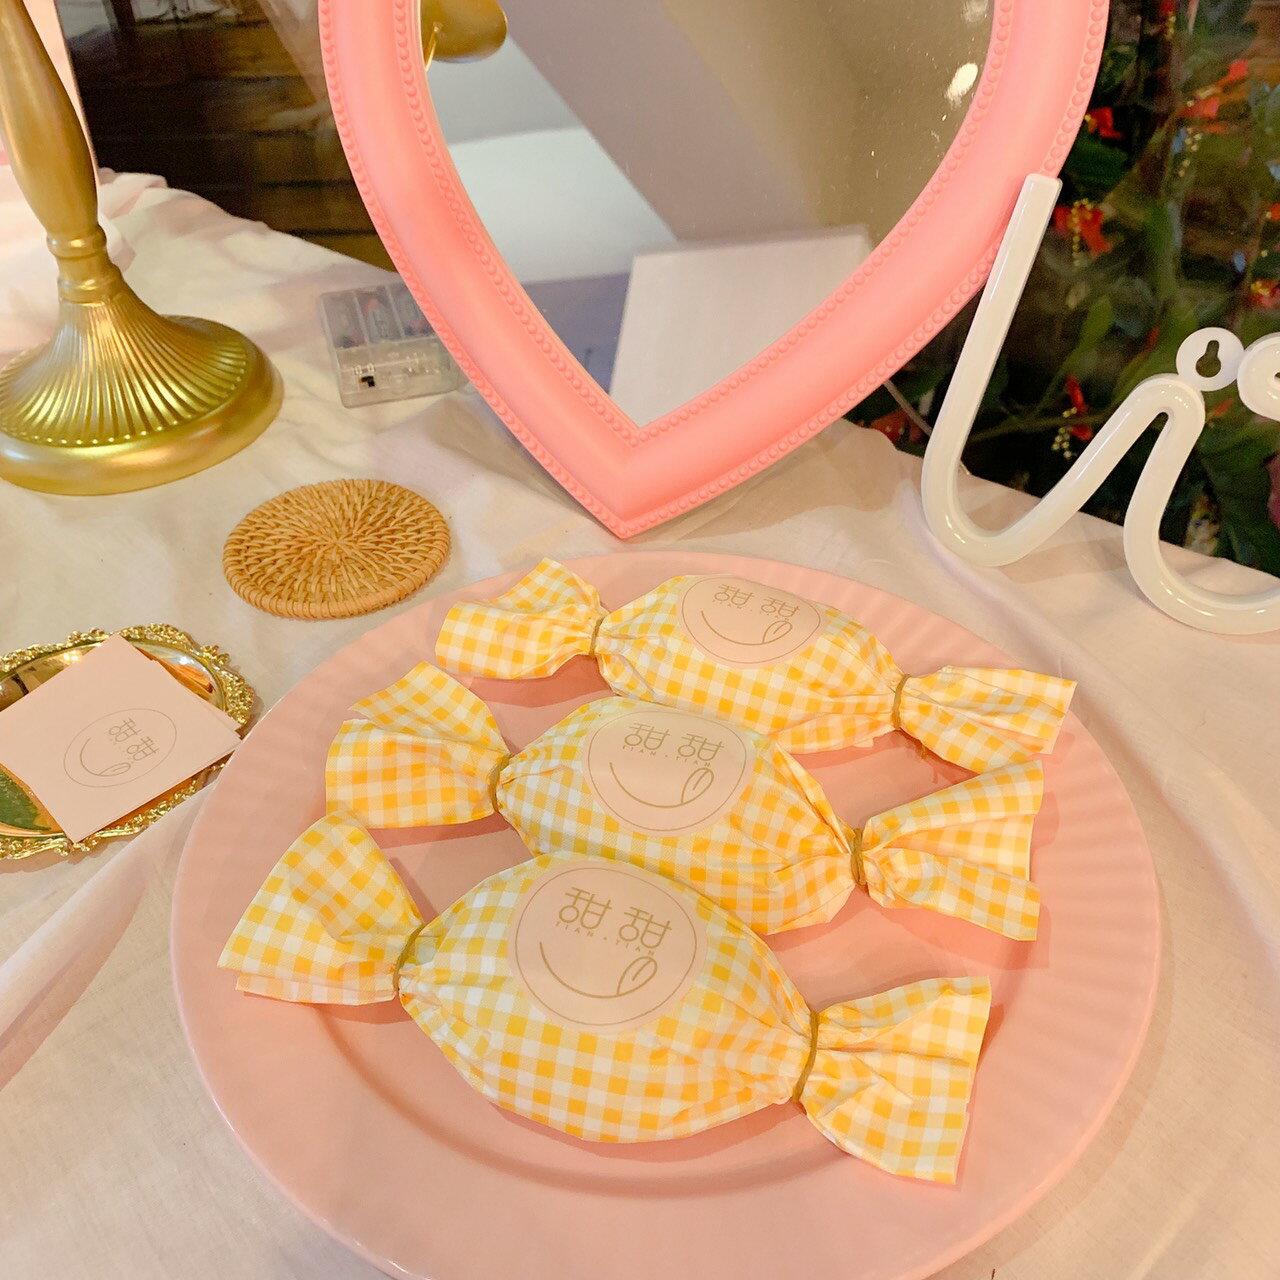 甜甜xTianTian 檸檬糖霜磅蛋糕(150g/顆)點心/下午茶/餅乾/手作甜點